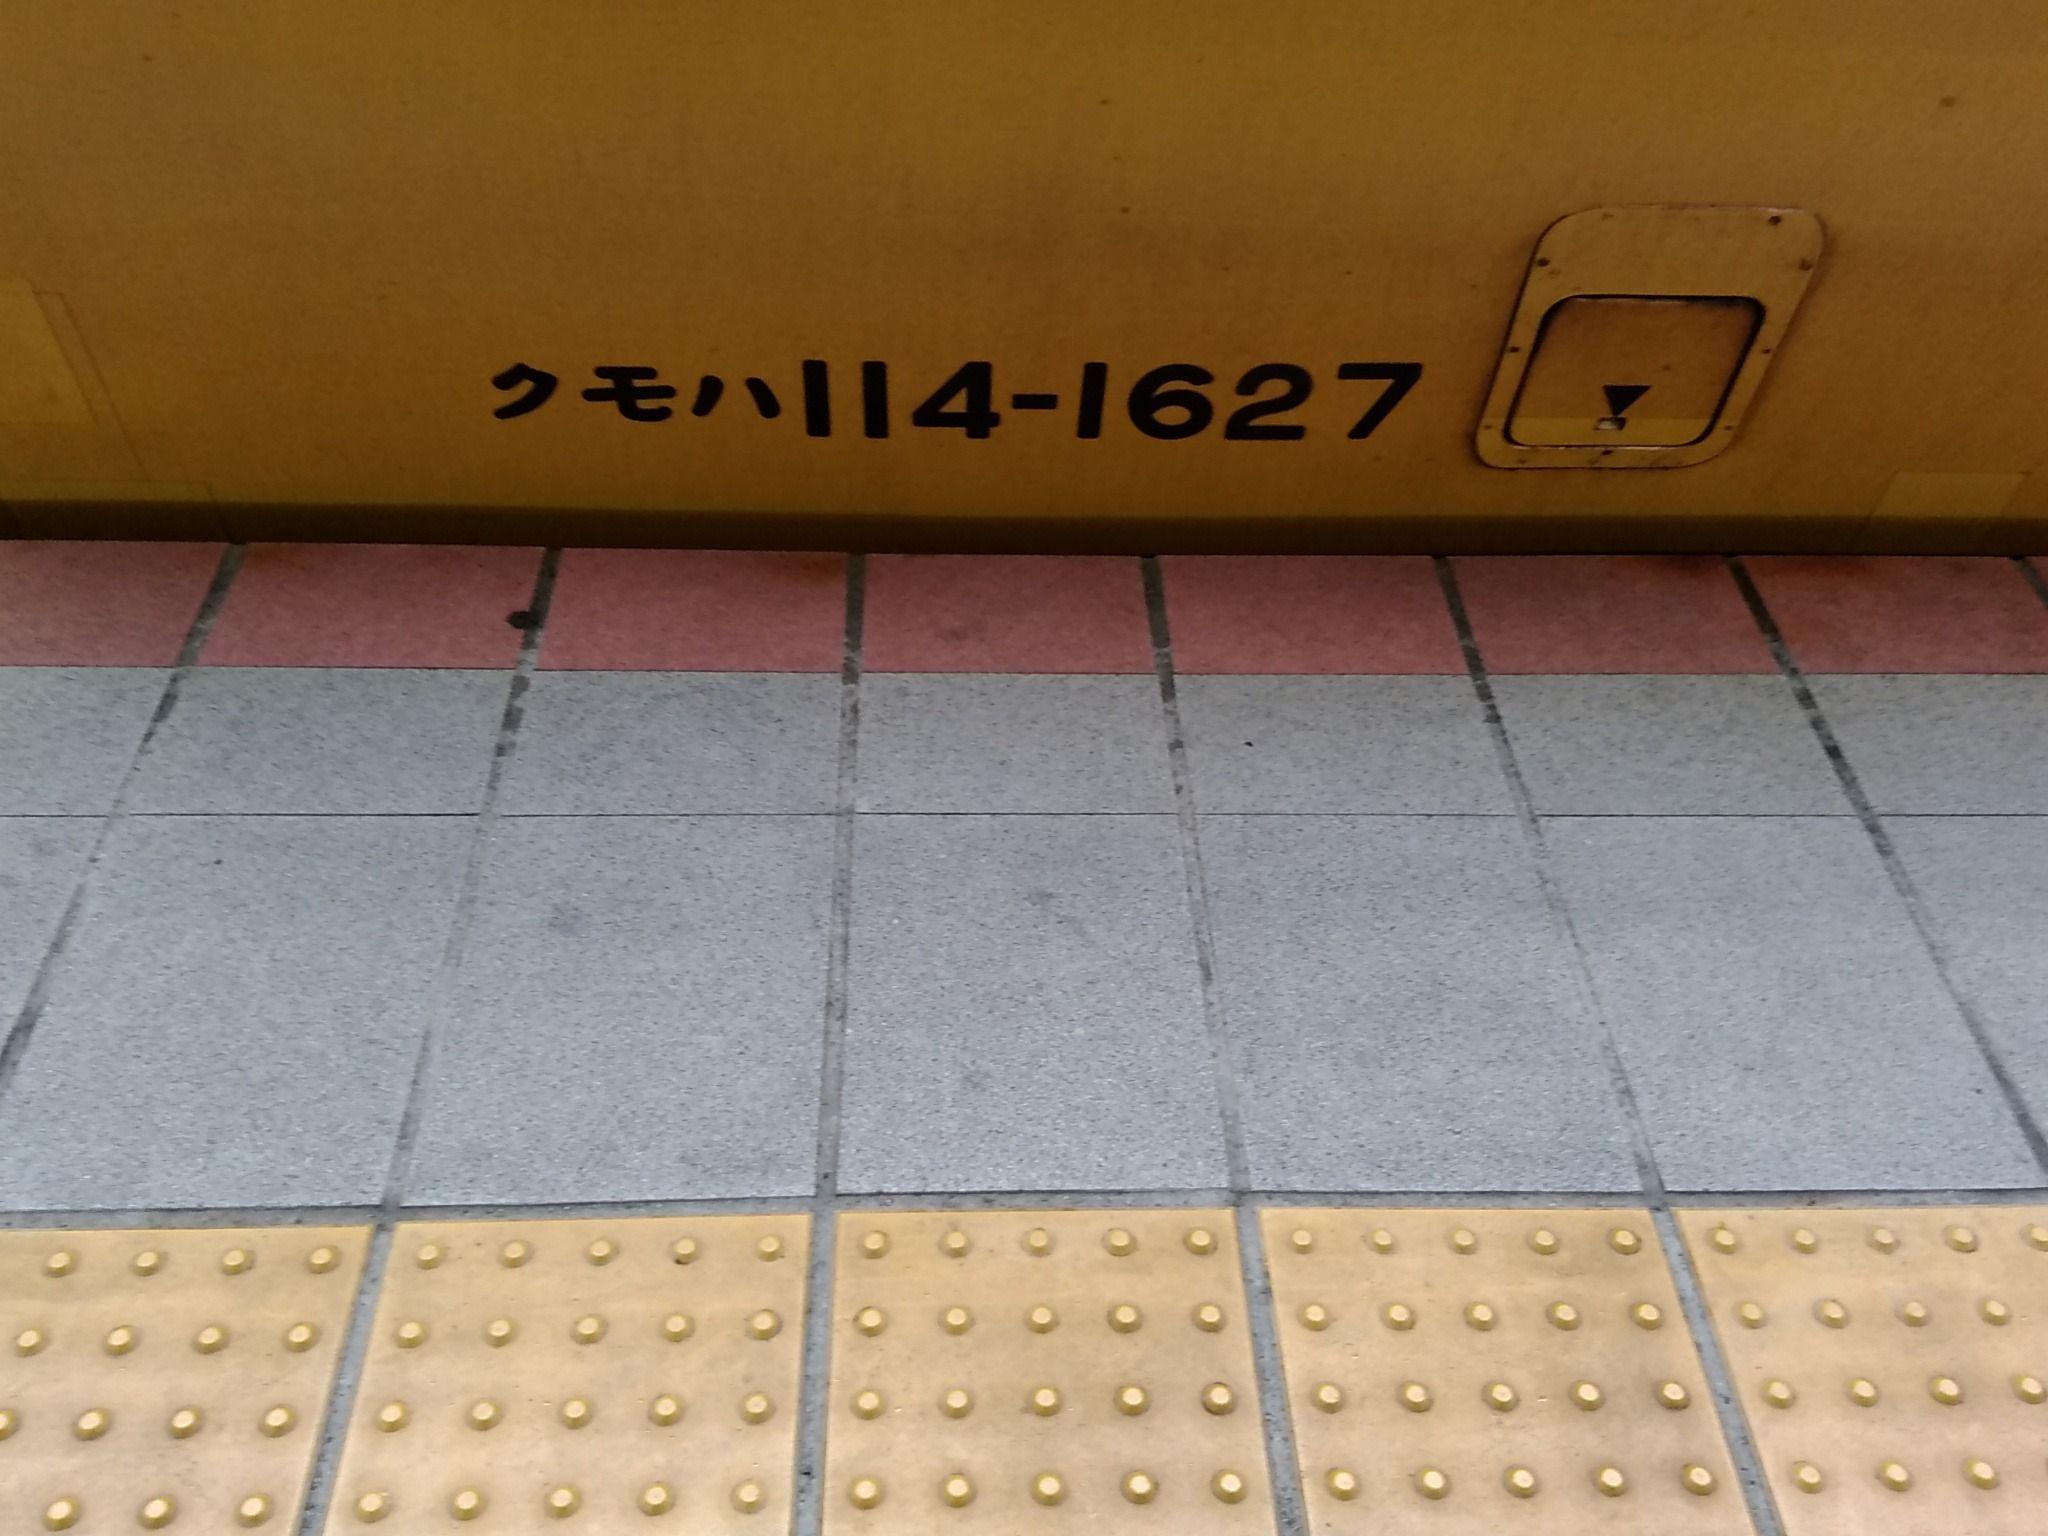 Df7975a4 feaf 4804 be16 8995edc09612